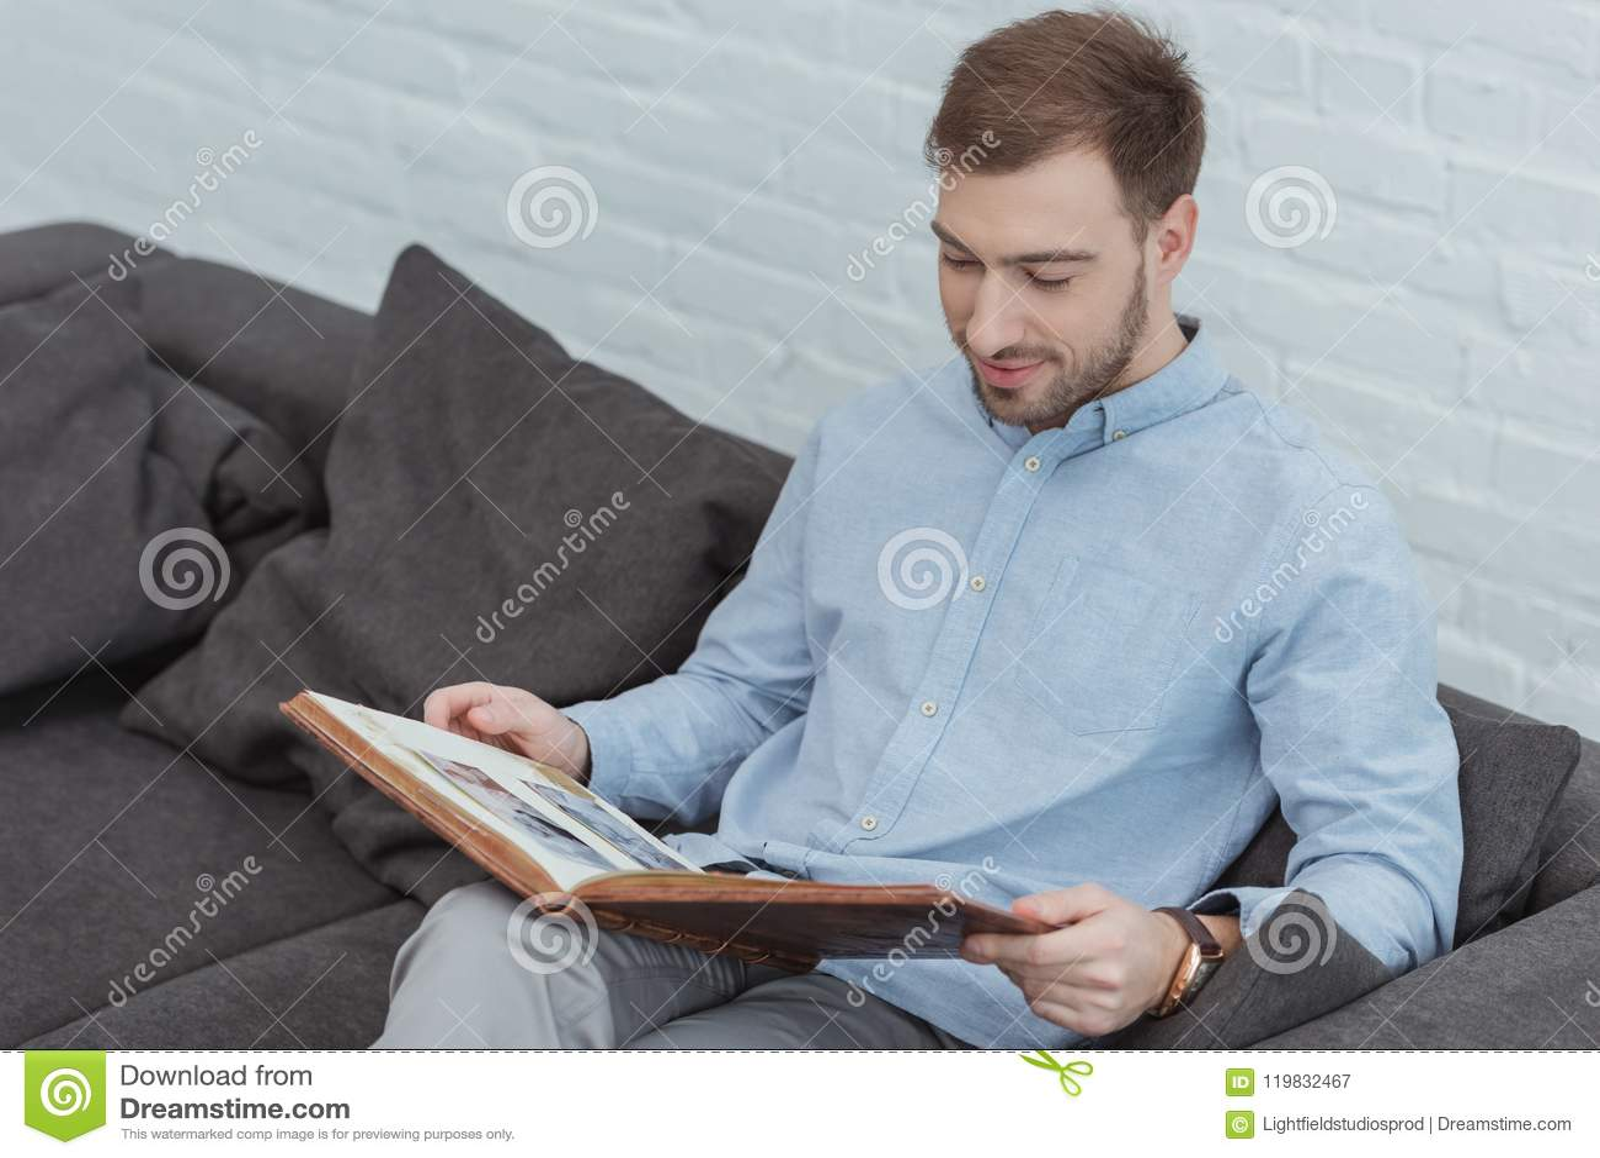 πορτρέτο του ατόμου που εξετάζει τις φωτογραφίες στο λεύκωμα φωτογραφιών στηργμένος στον καναπέ